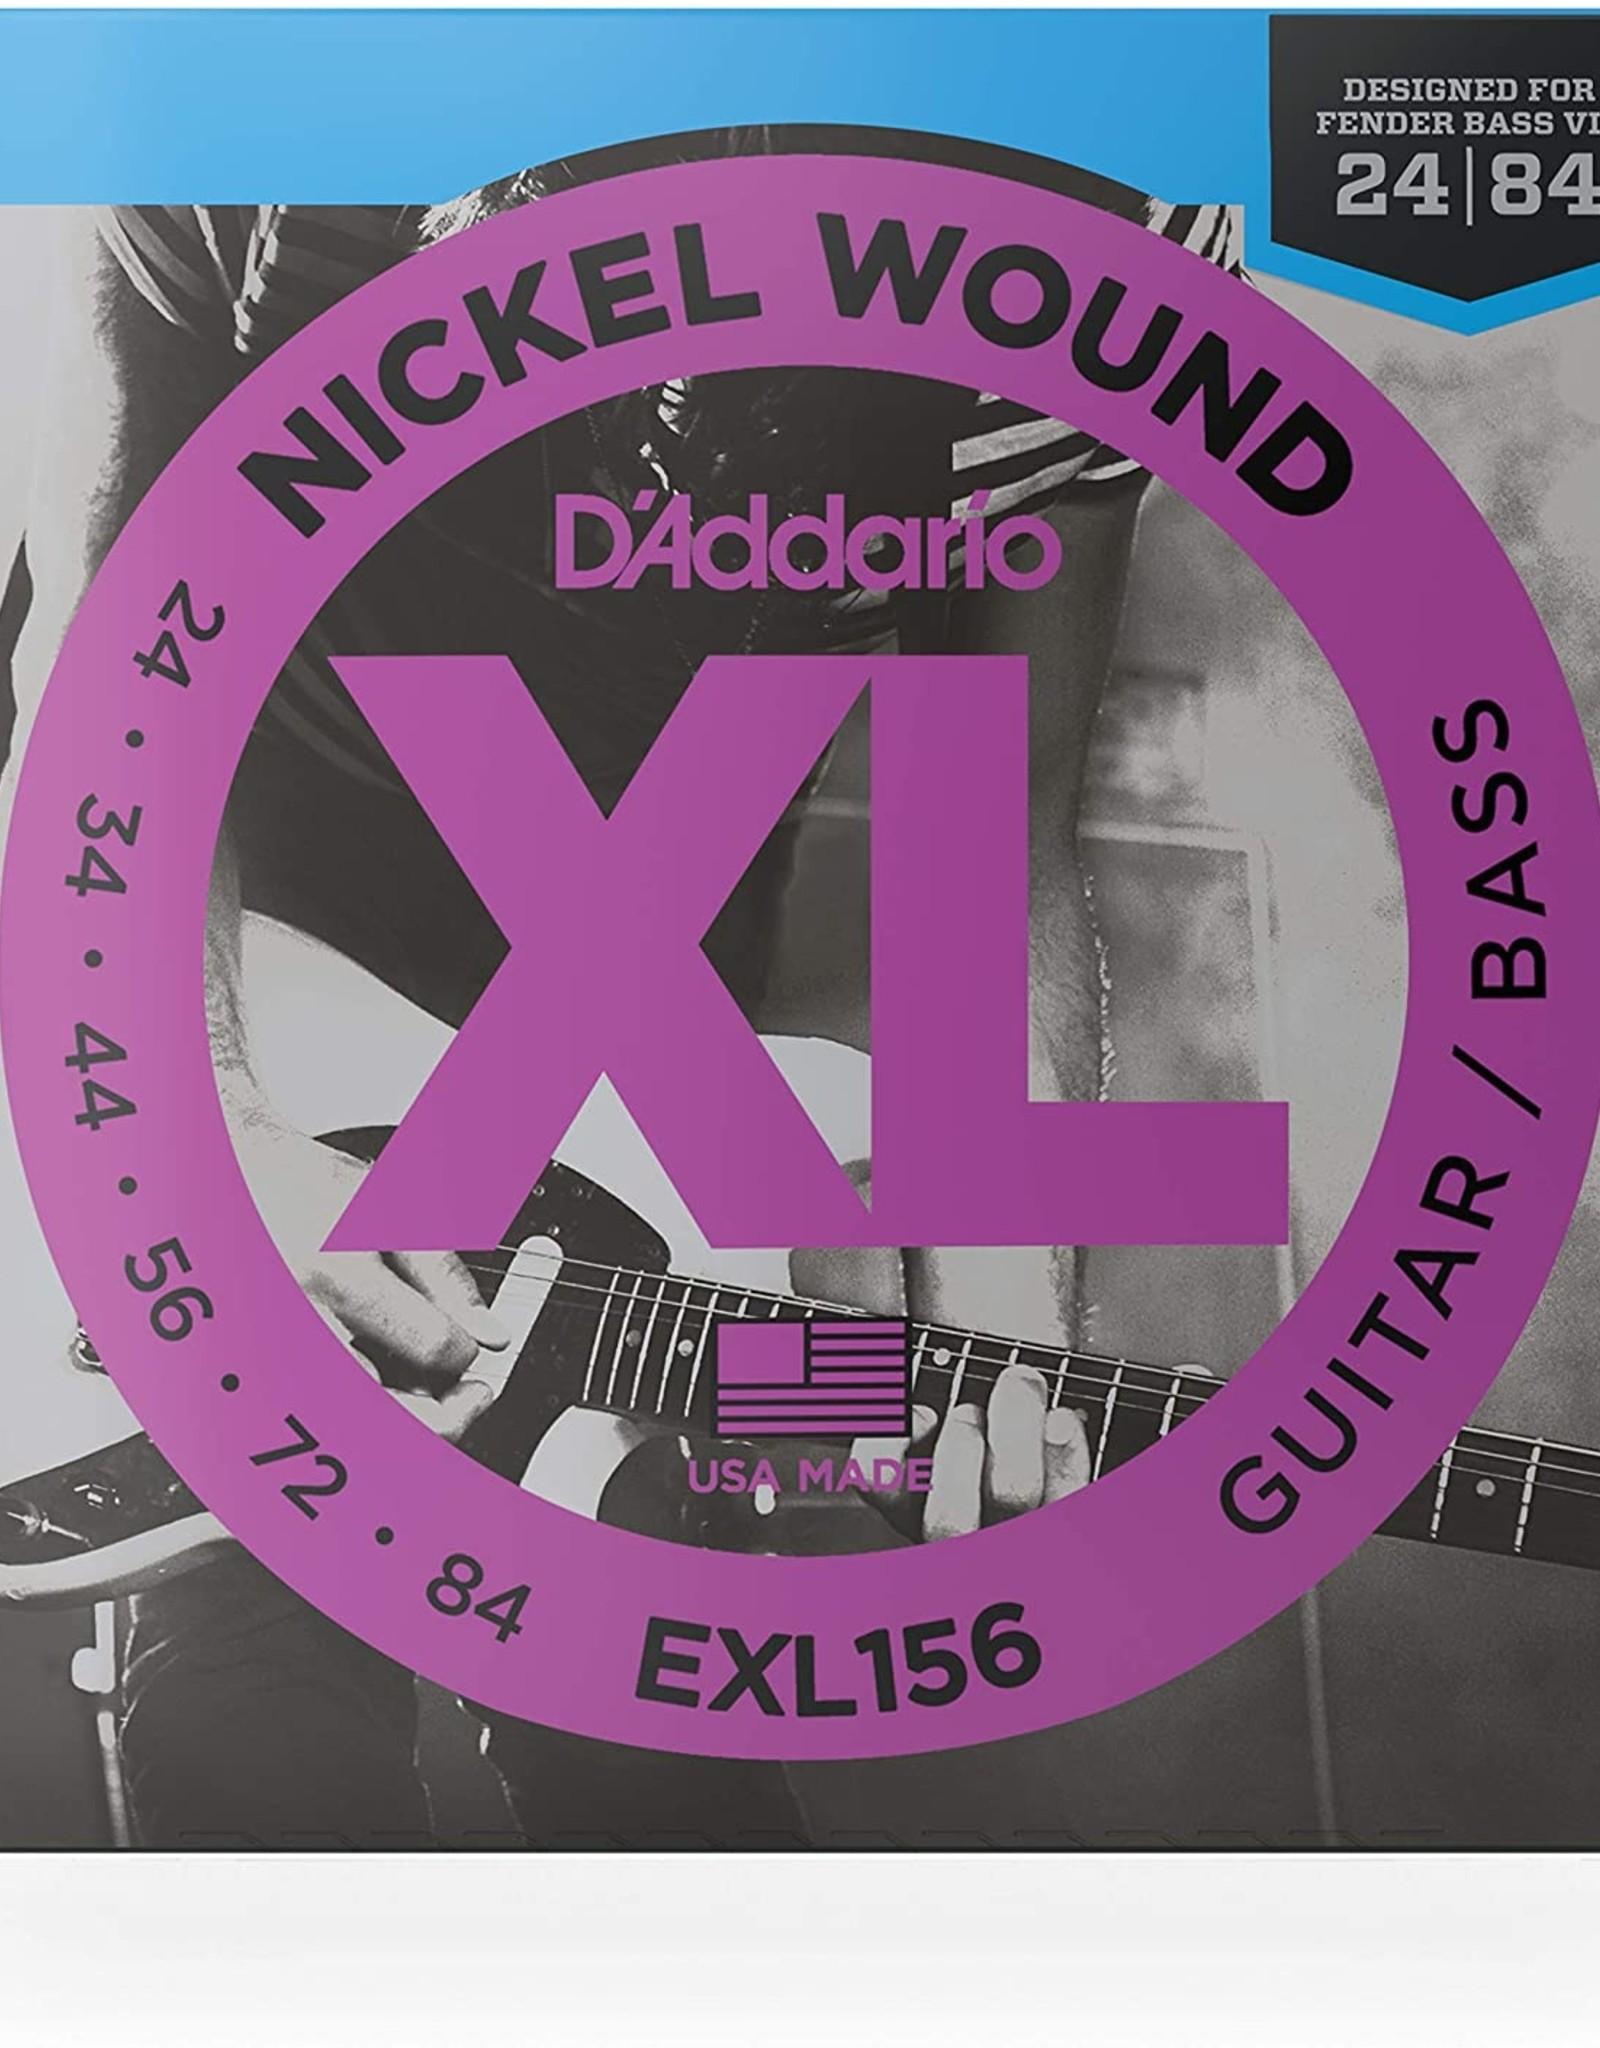 D'Addario D'addario Fender Bass VI Nickel Wound, 24-84